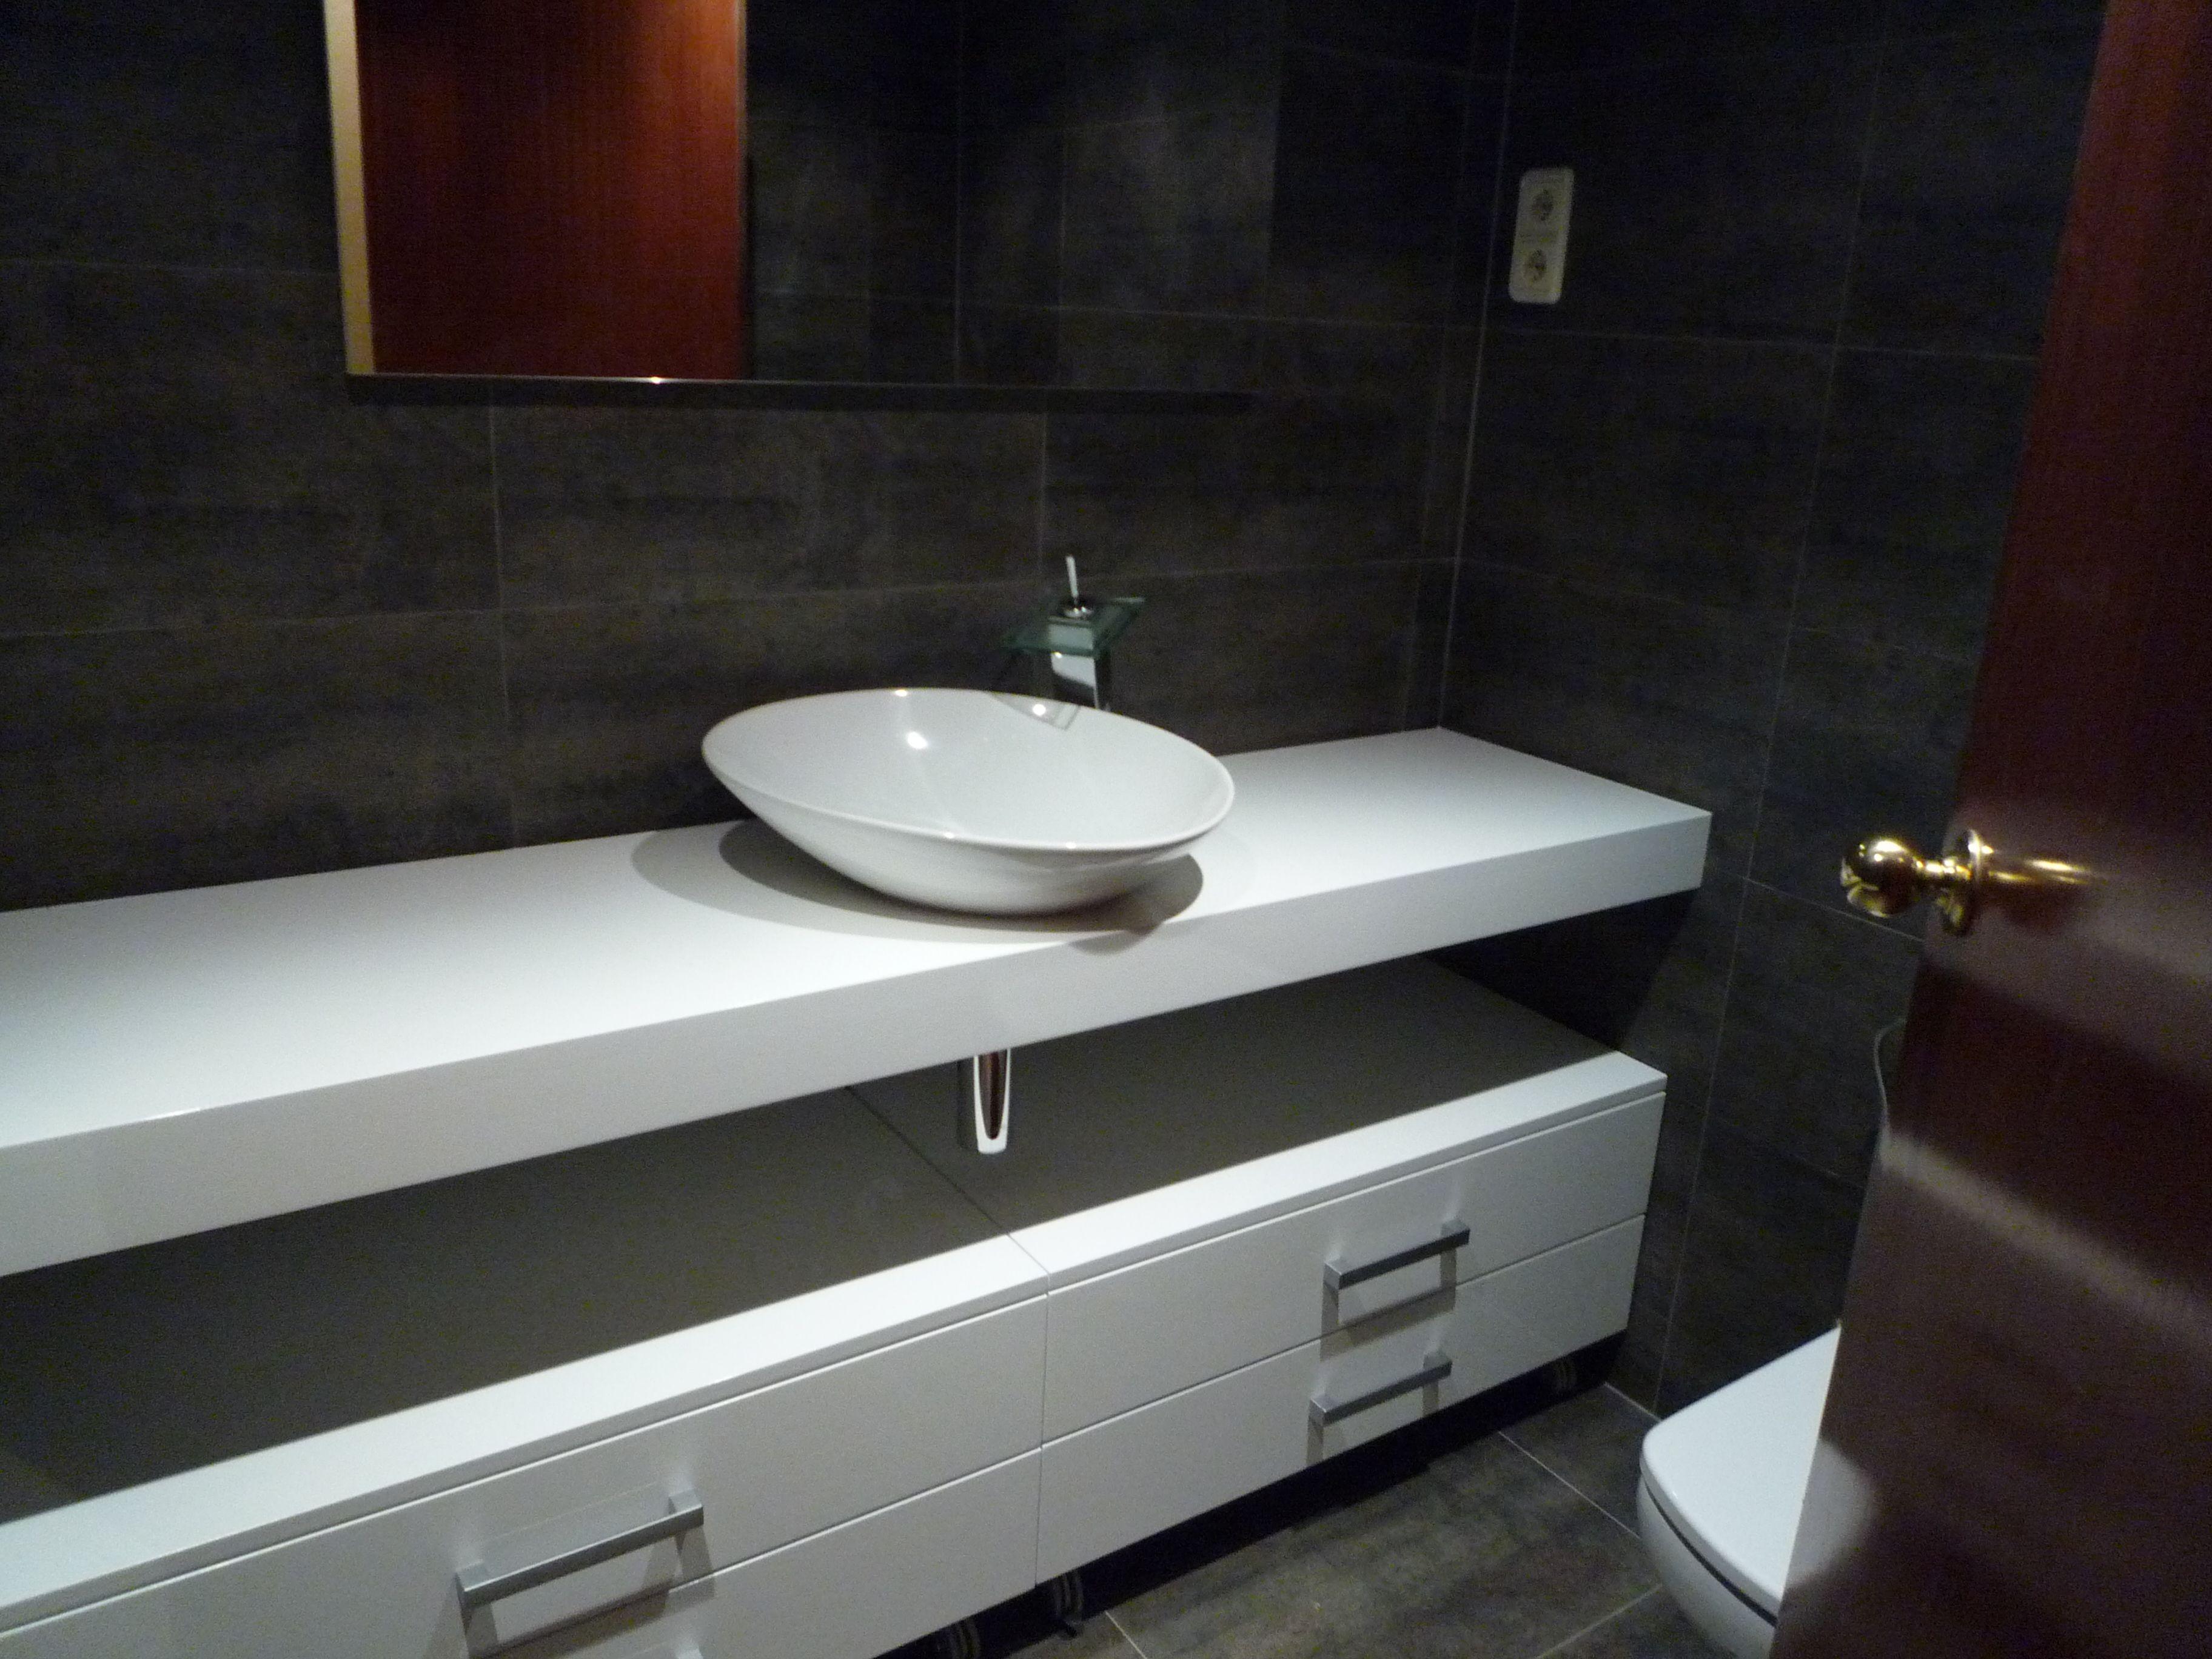 Ba o en blanco y negro mueble a medida con lavabo sobre - Muebles de bano adaptables a lavabo con pie ...